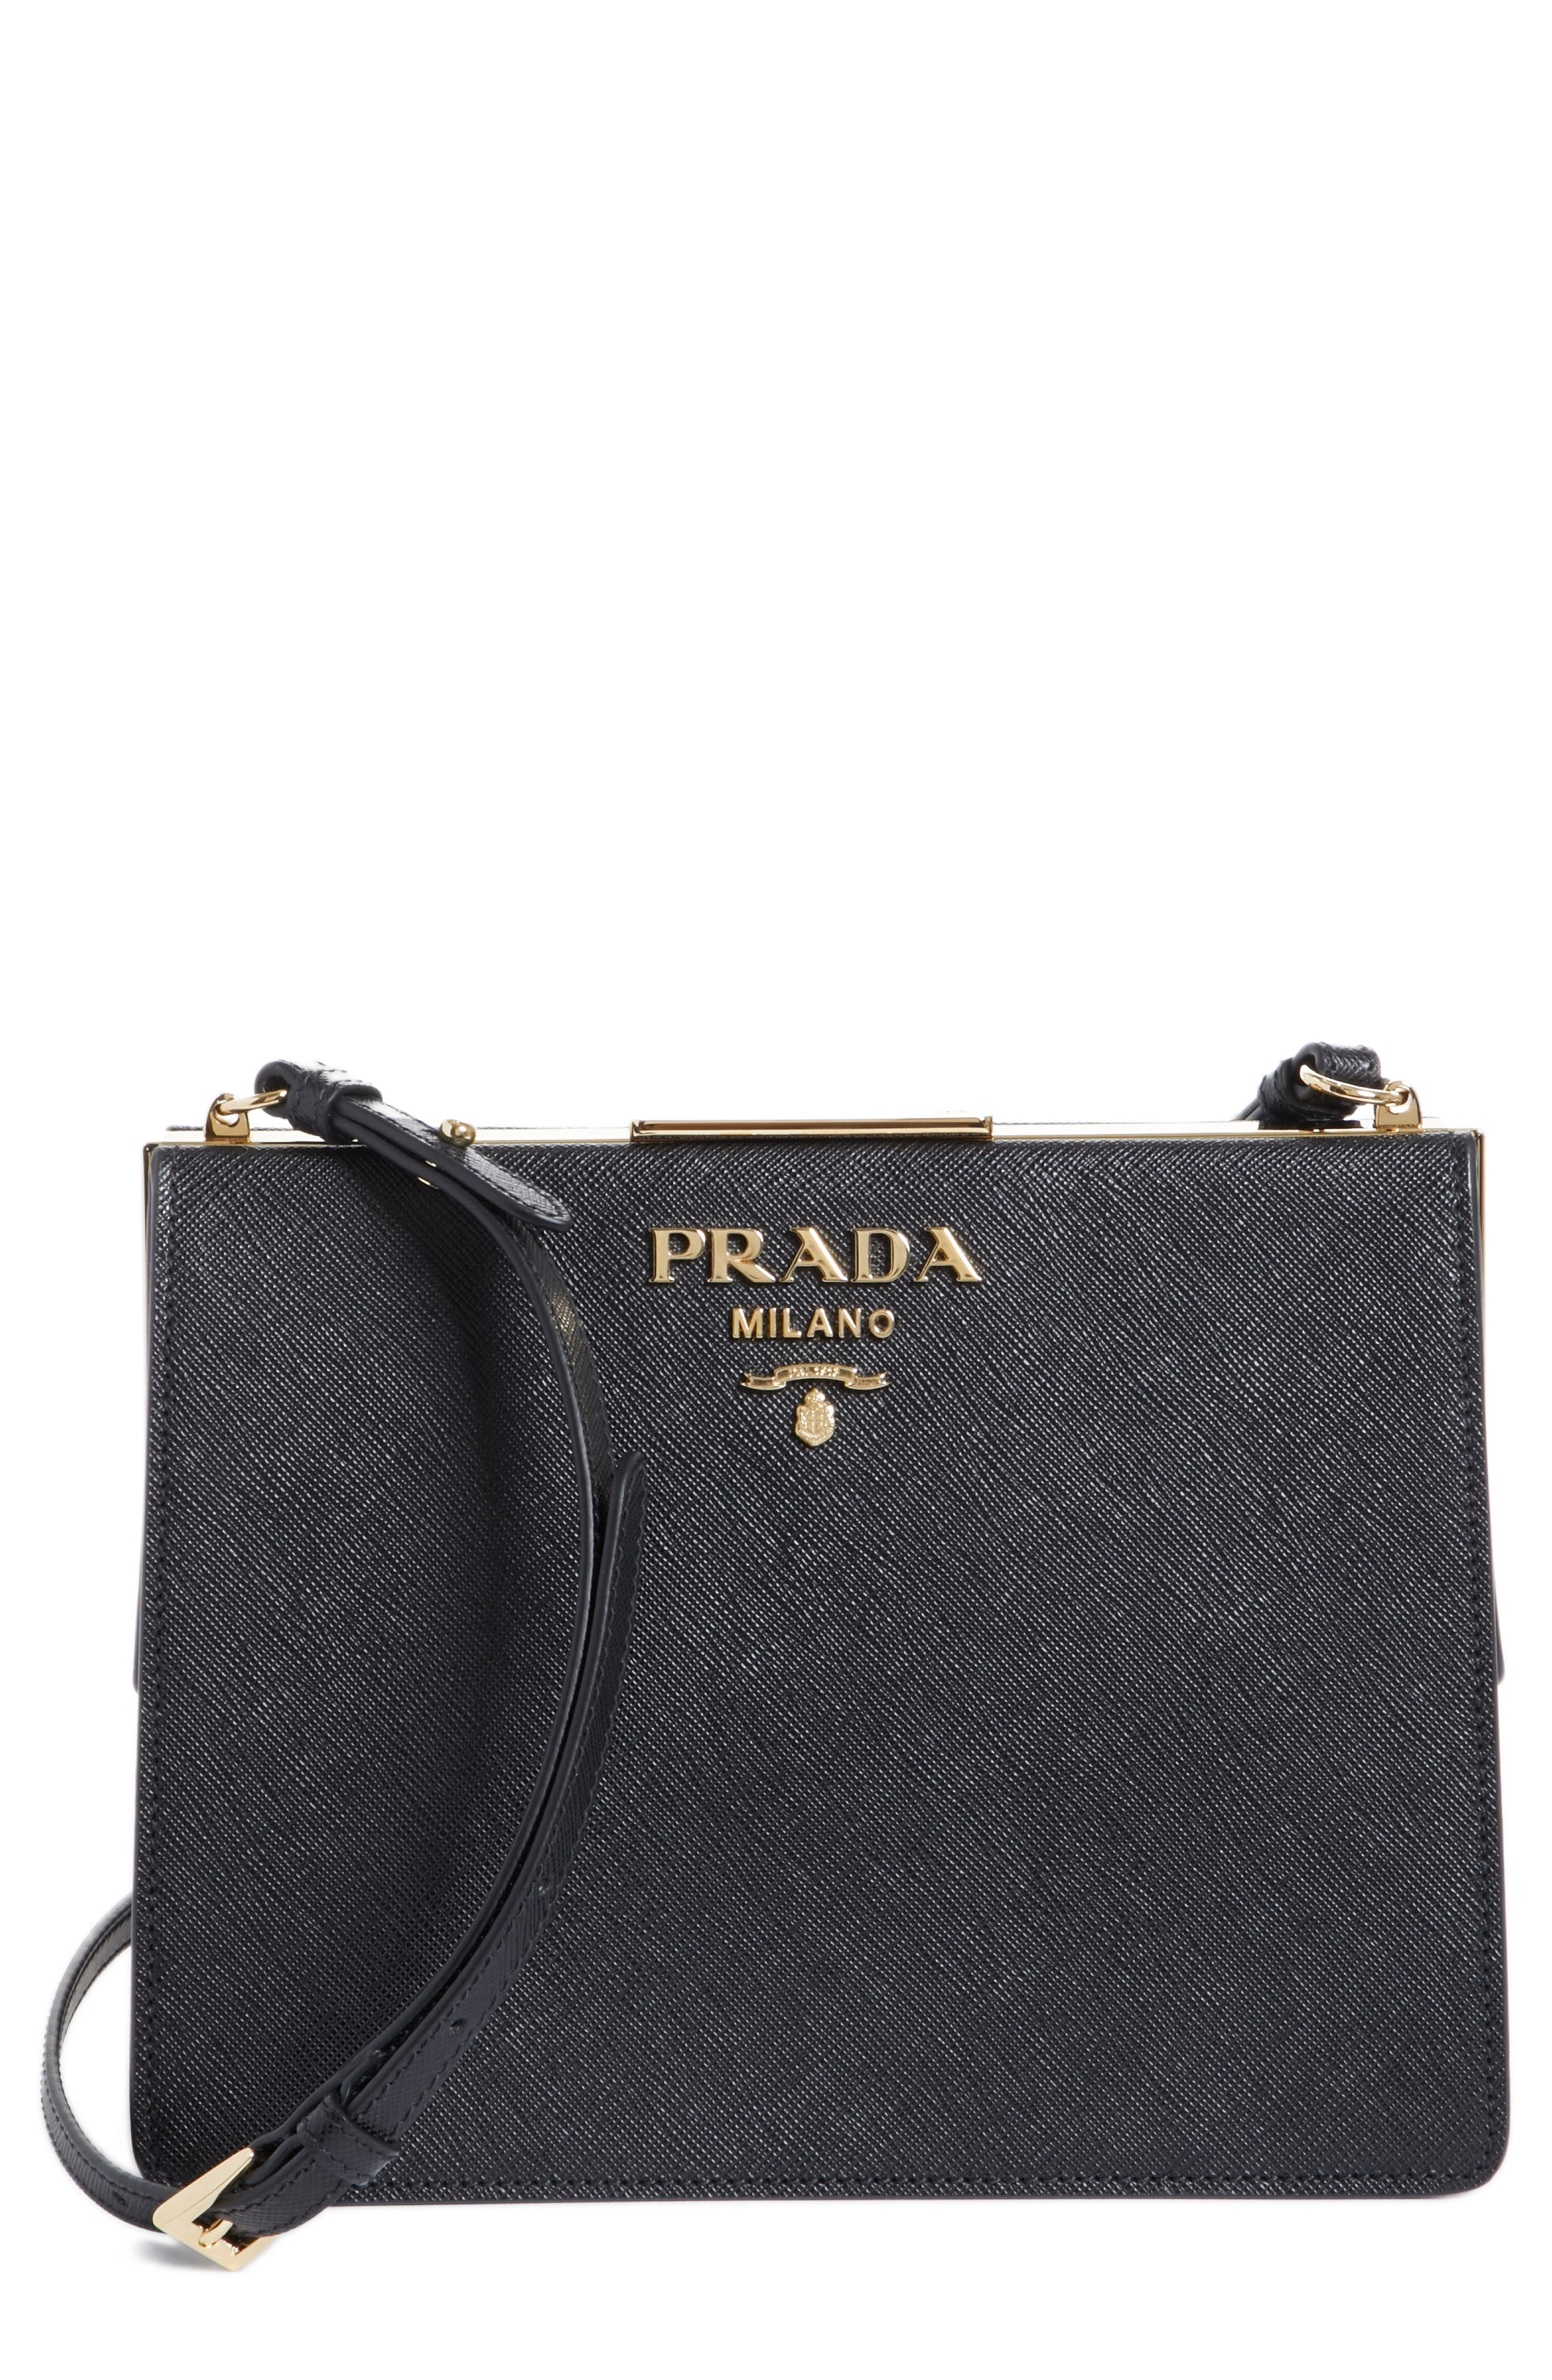 ffc6c9ef804ad3 Prada Crossbody Bags | Nordstrom